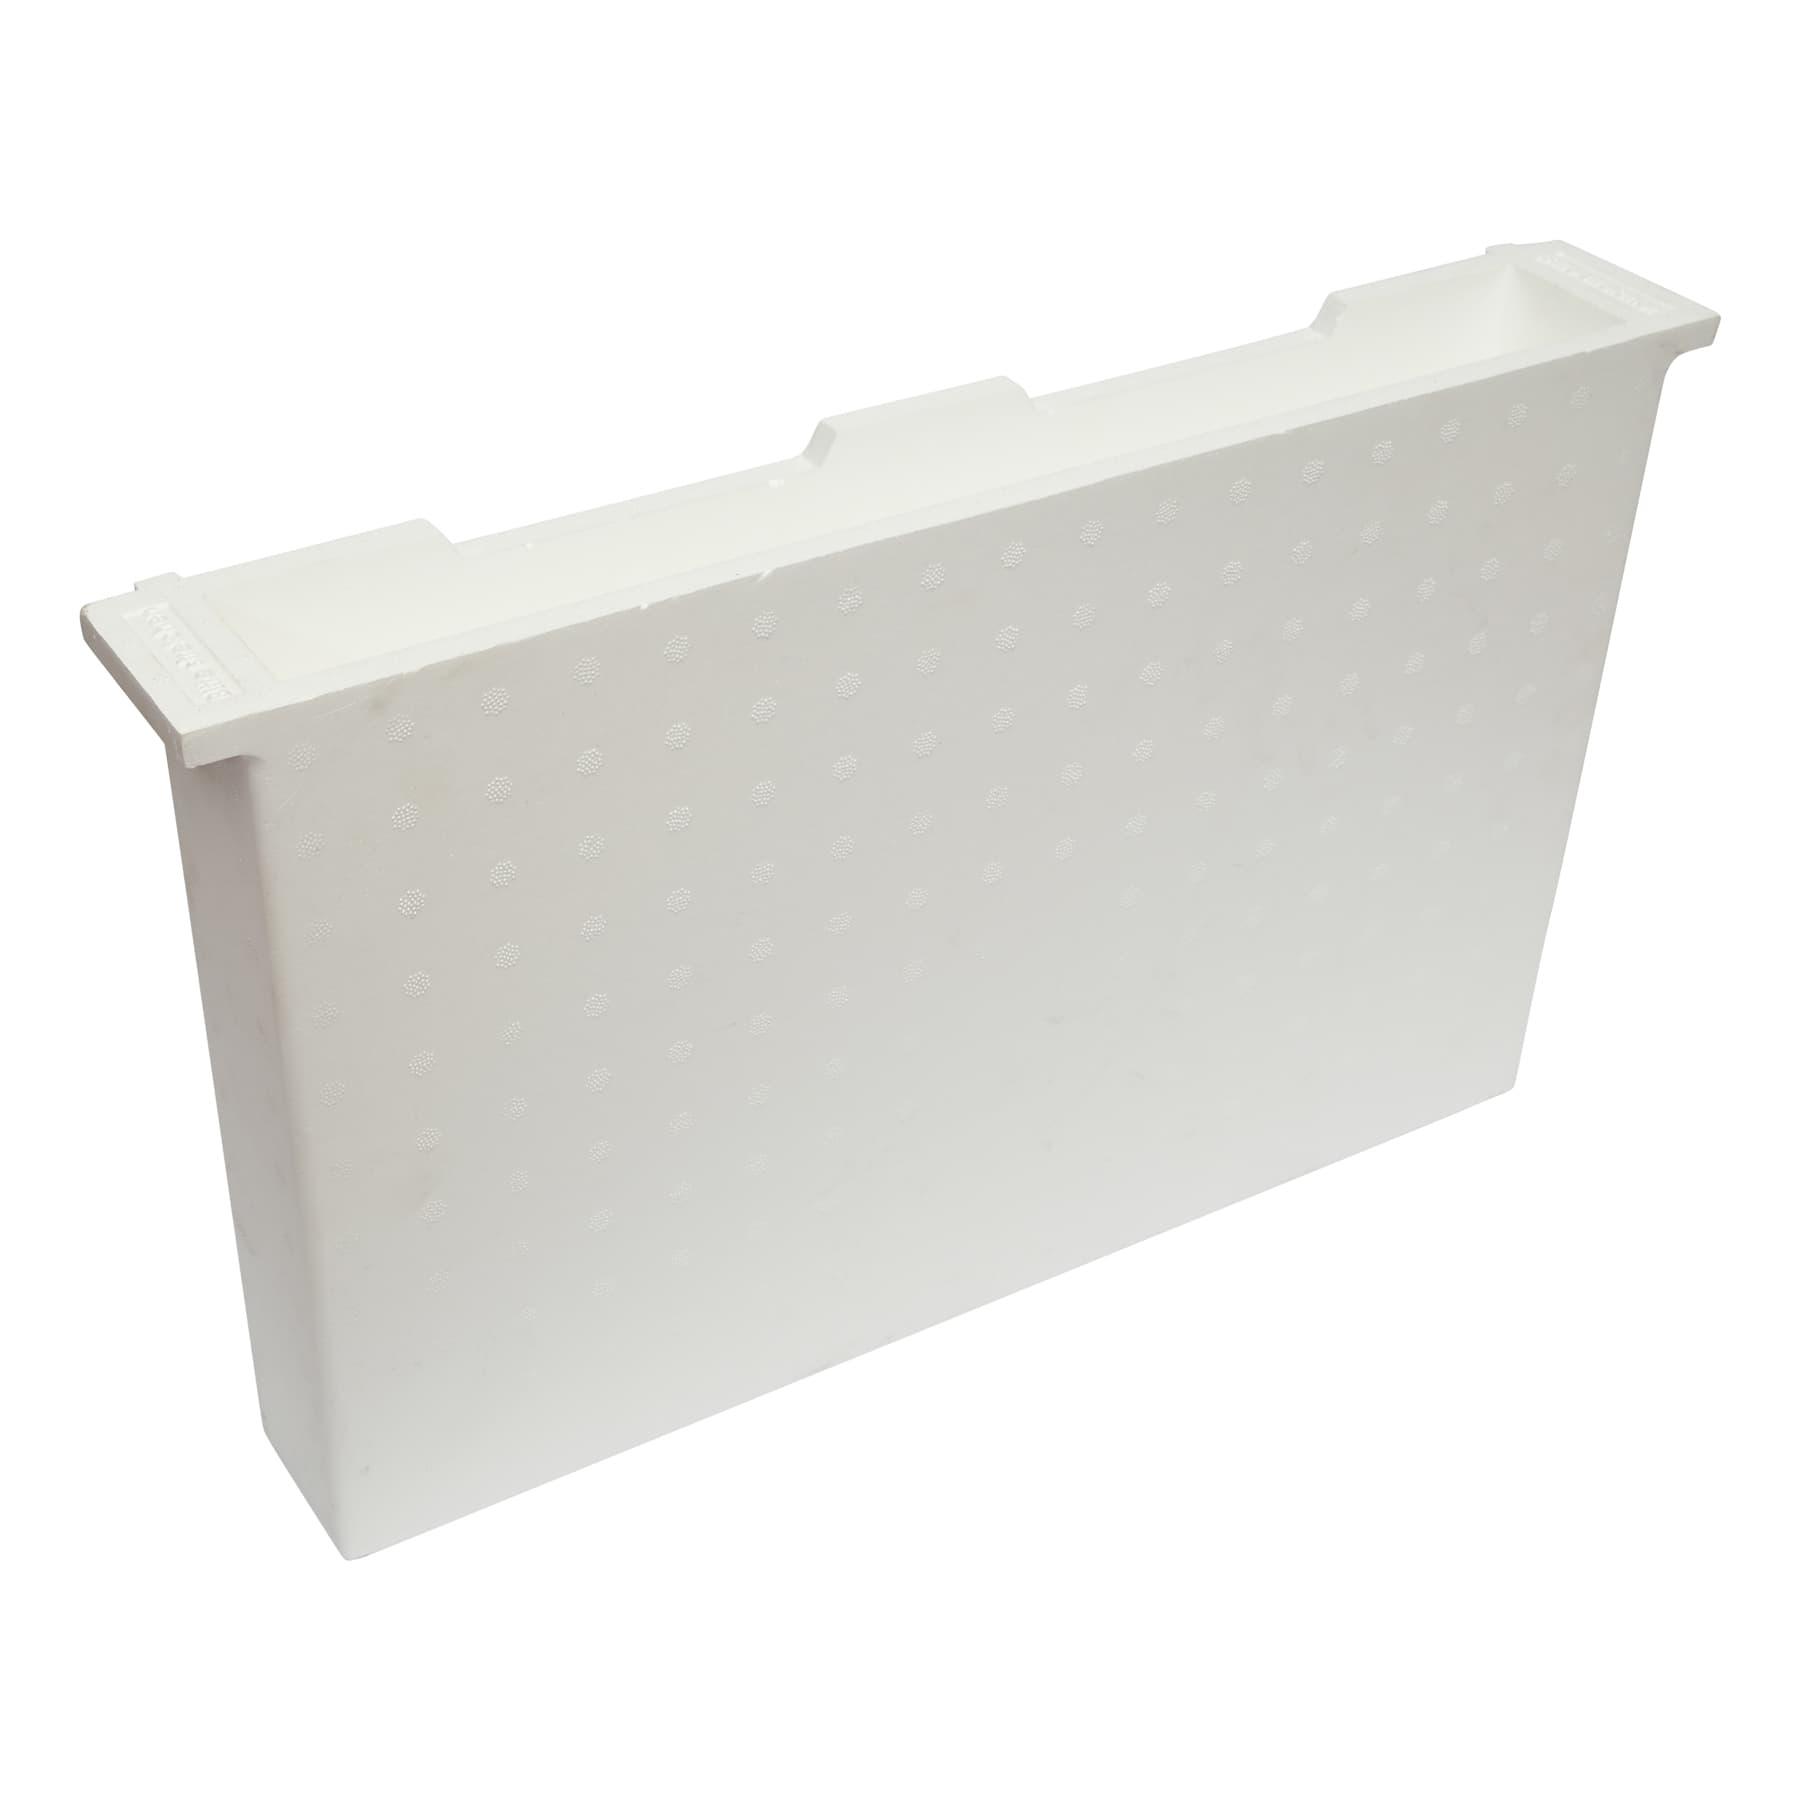 Futtertasche aus Styropor Dadant modifiziert (US) 70 mm breit (entspricht 2 Rähmchen), Herstellernr. 11221B